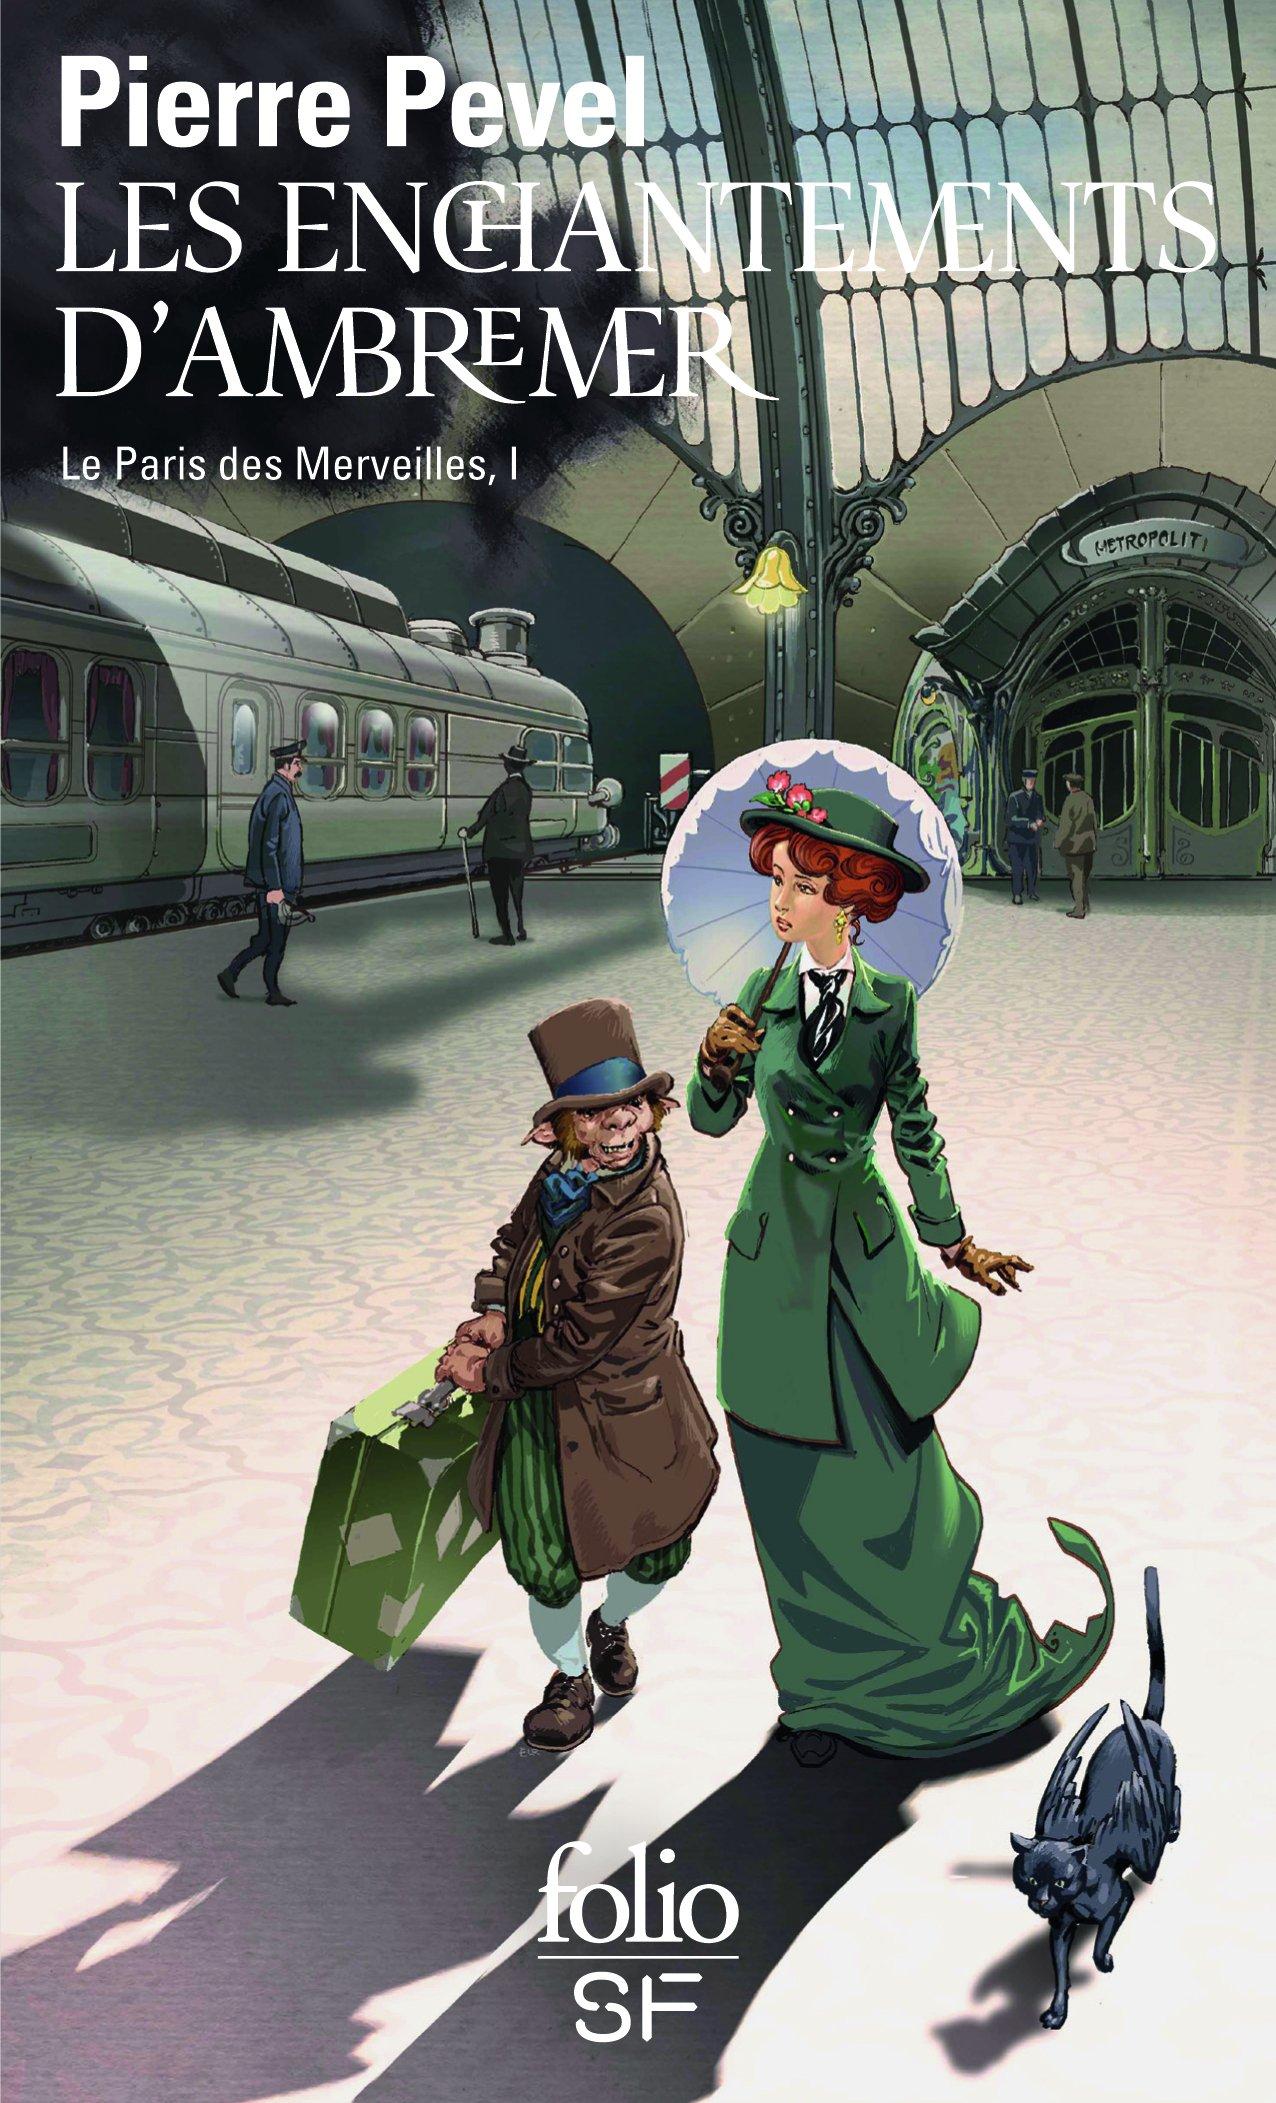 Le Paris des Merveilles, I:Les enchantements d'Ambremer/Magicis in mobile Poche – 9 mars 2017 Pierre Pevel Folio 2070793257 Science-fiction